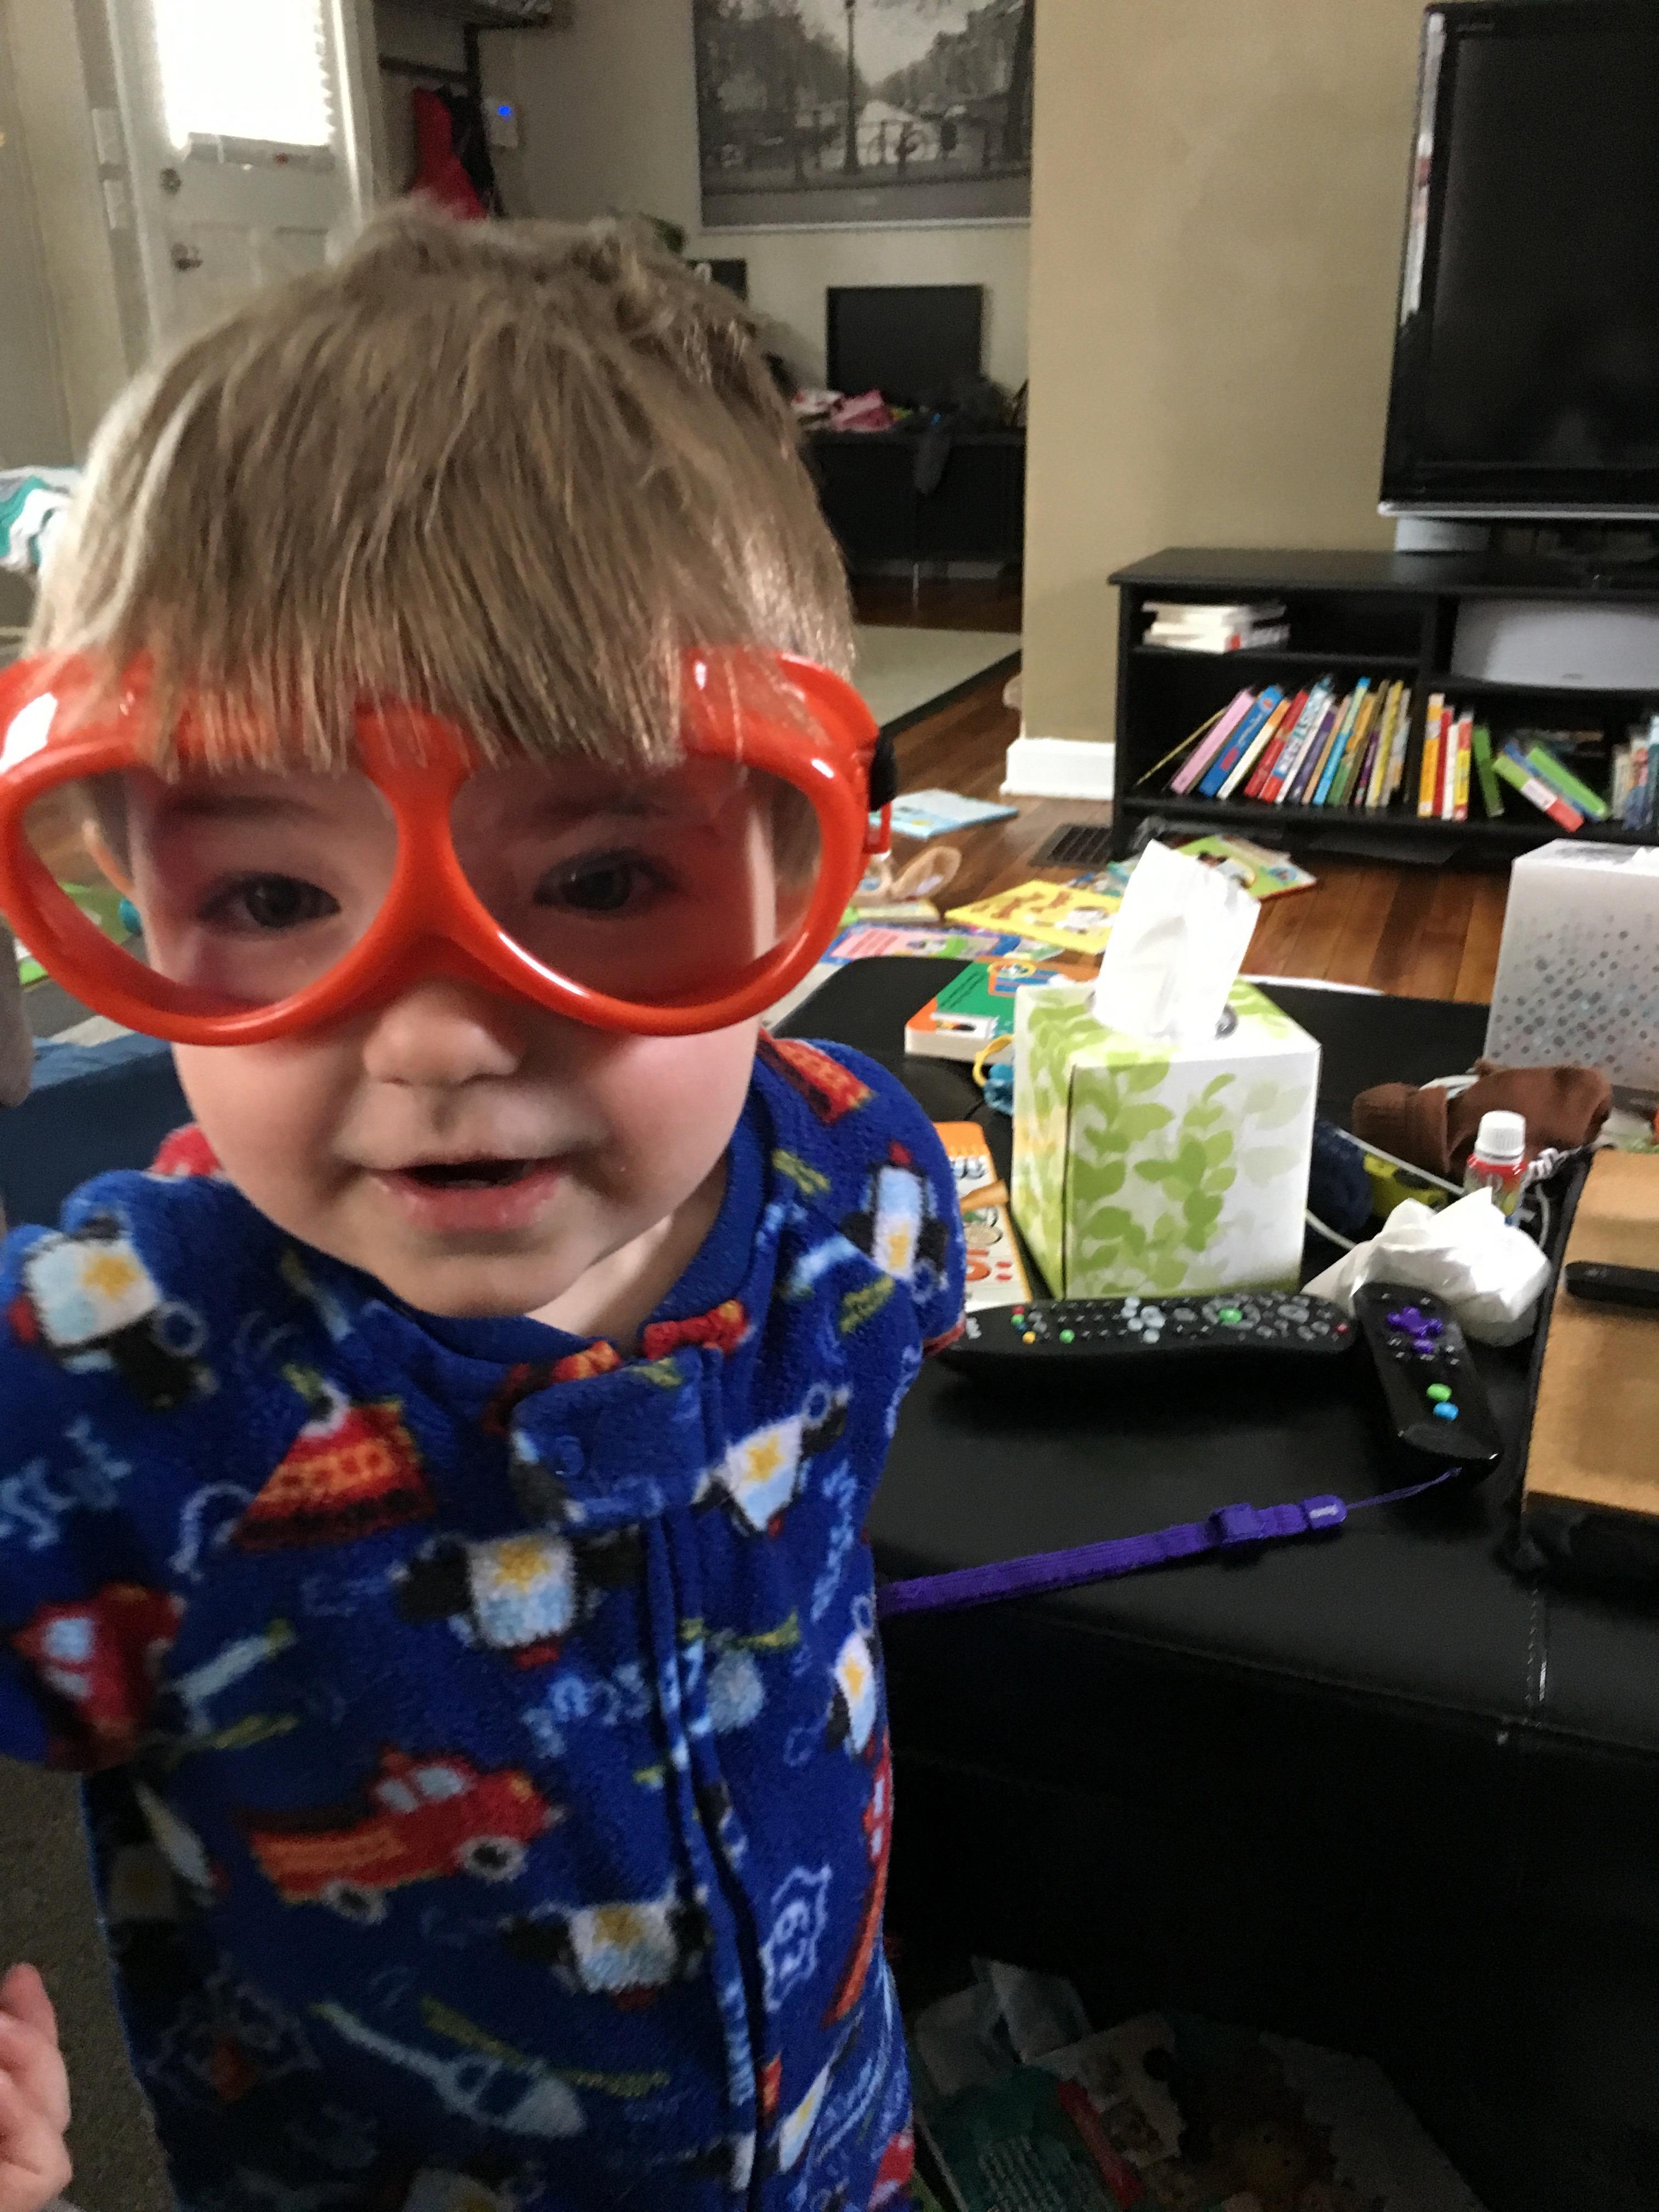 jenson safety glasses